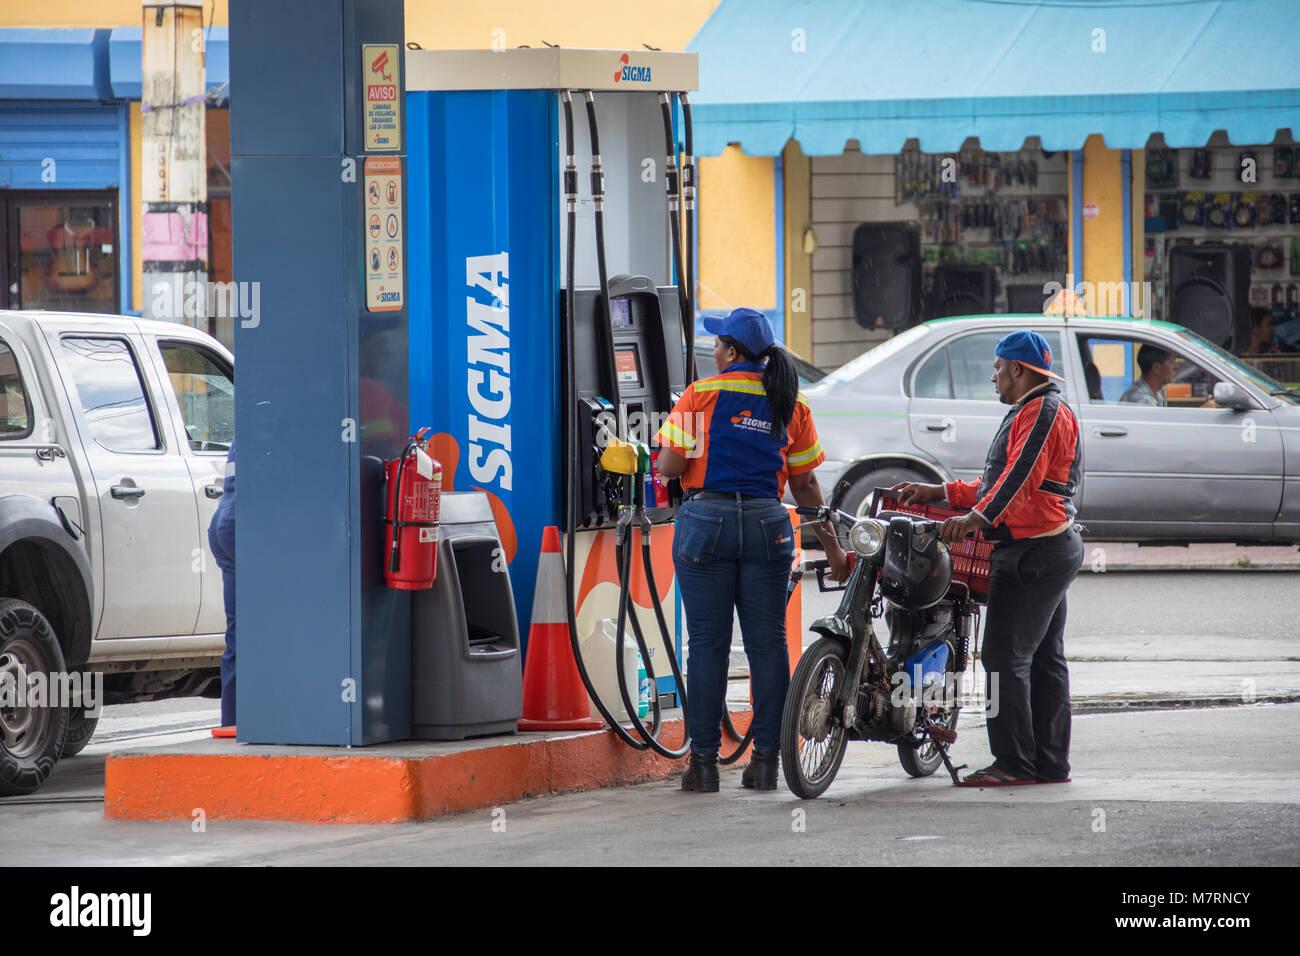 Image result for Gasolineras en santo domingo